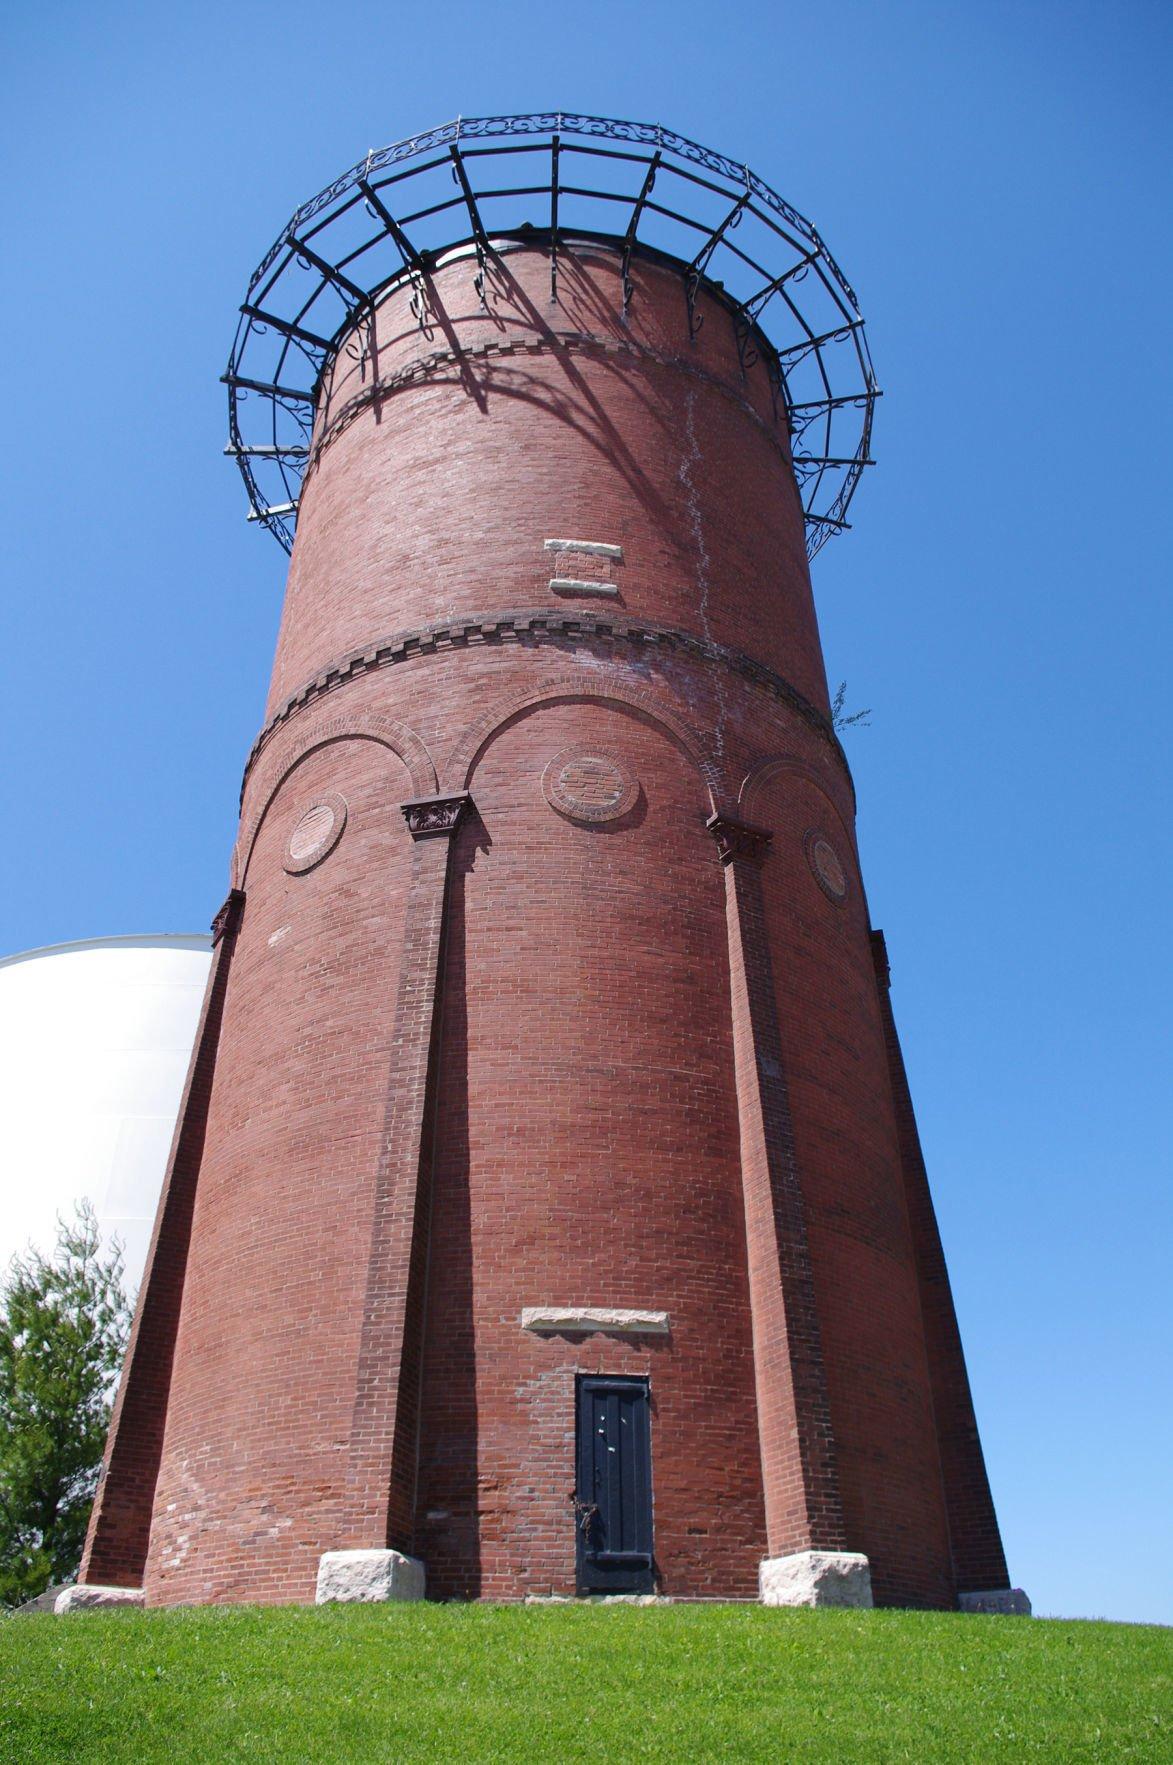 Water tower at Lindenwood University